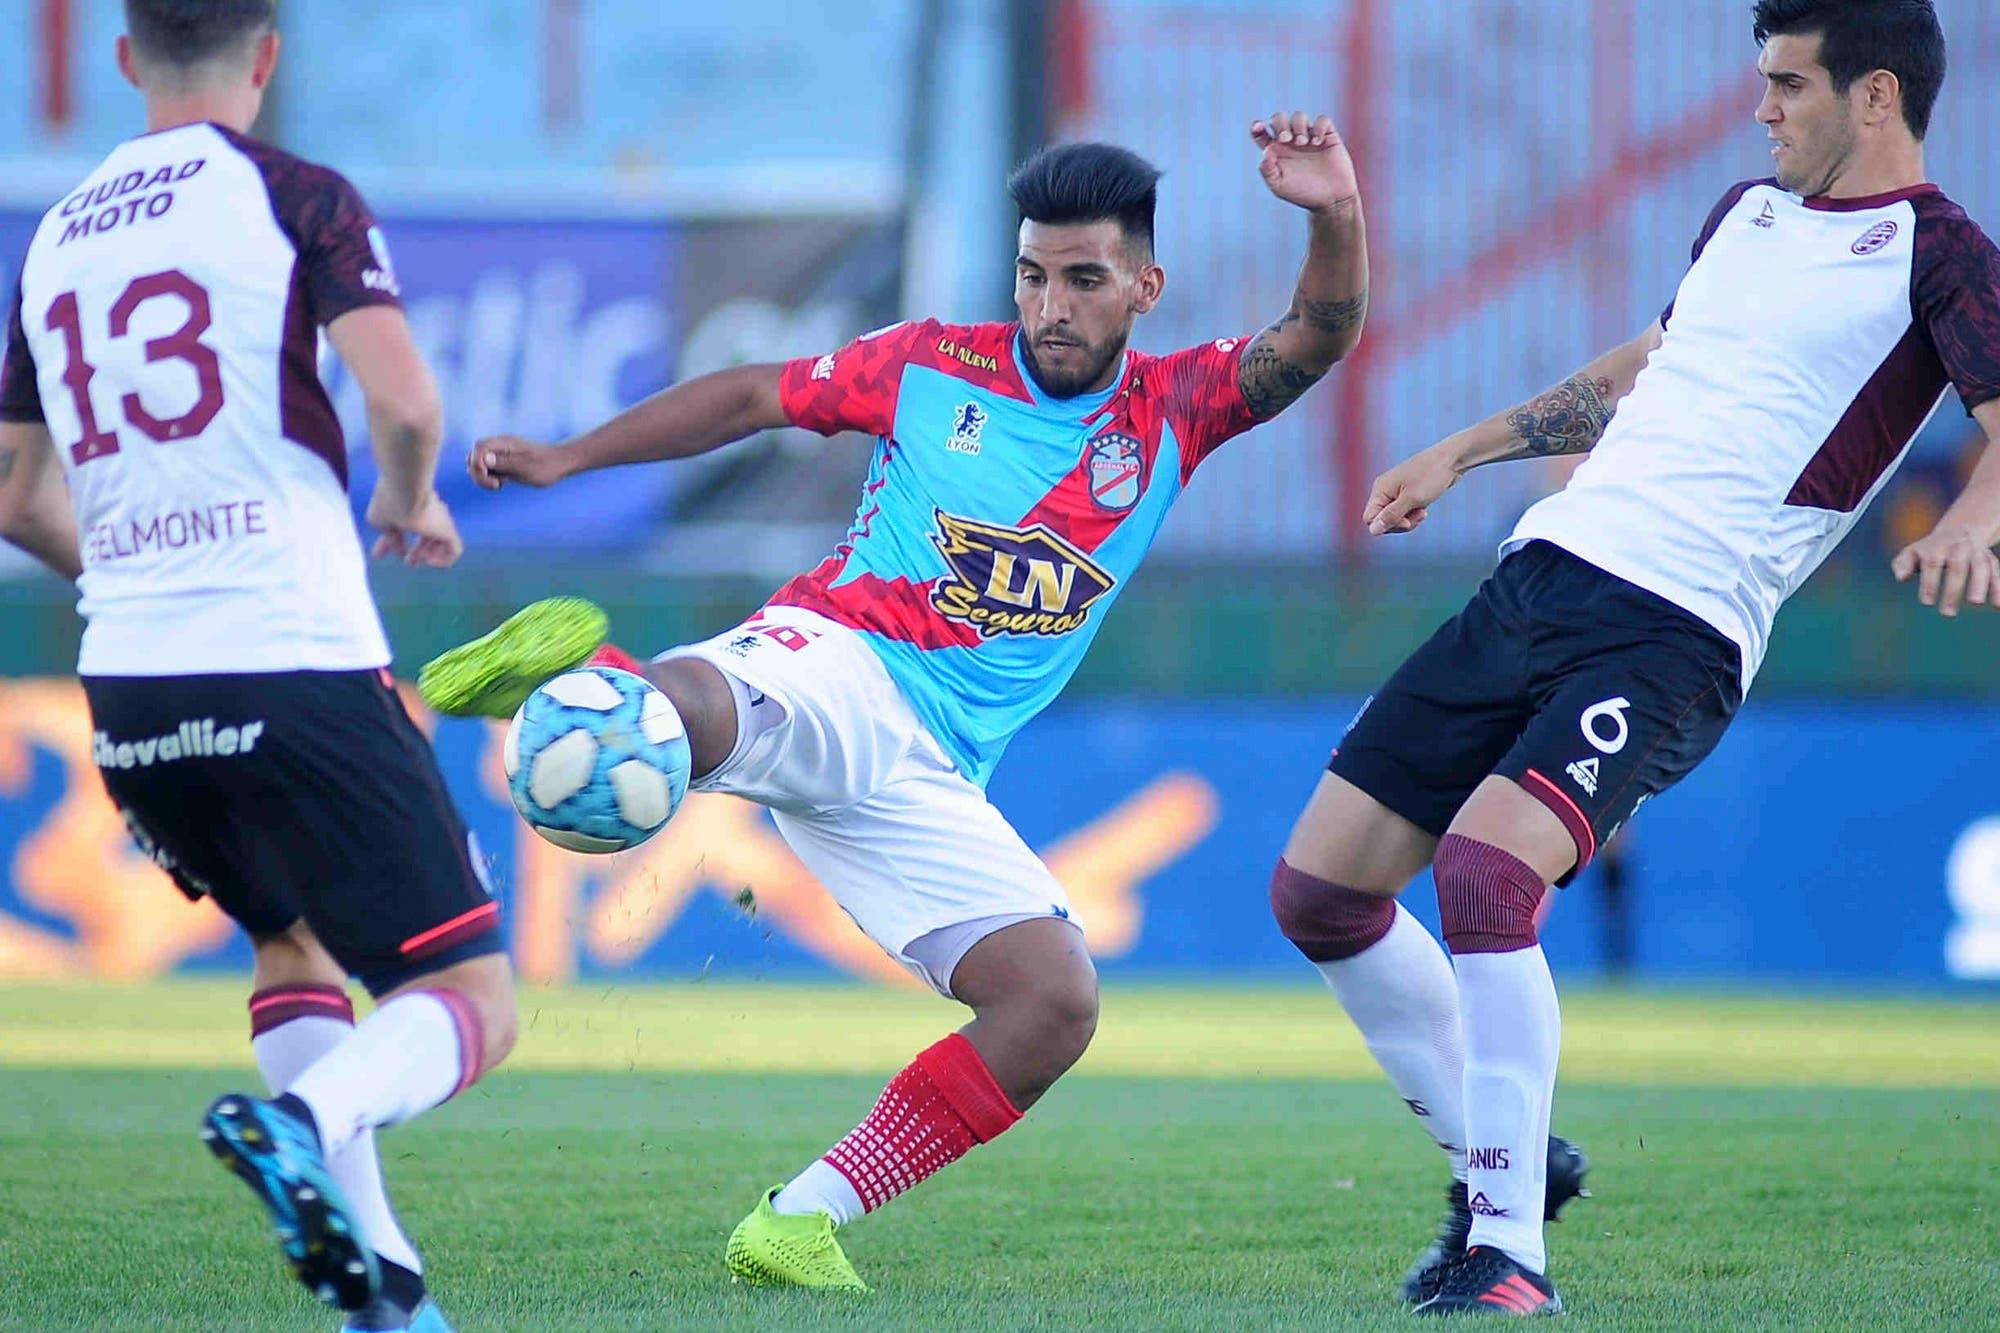 Arsenal-Lanús, por la Superliga: el Granate busca acercarse de nuevo a la cima del torneo